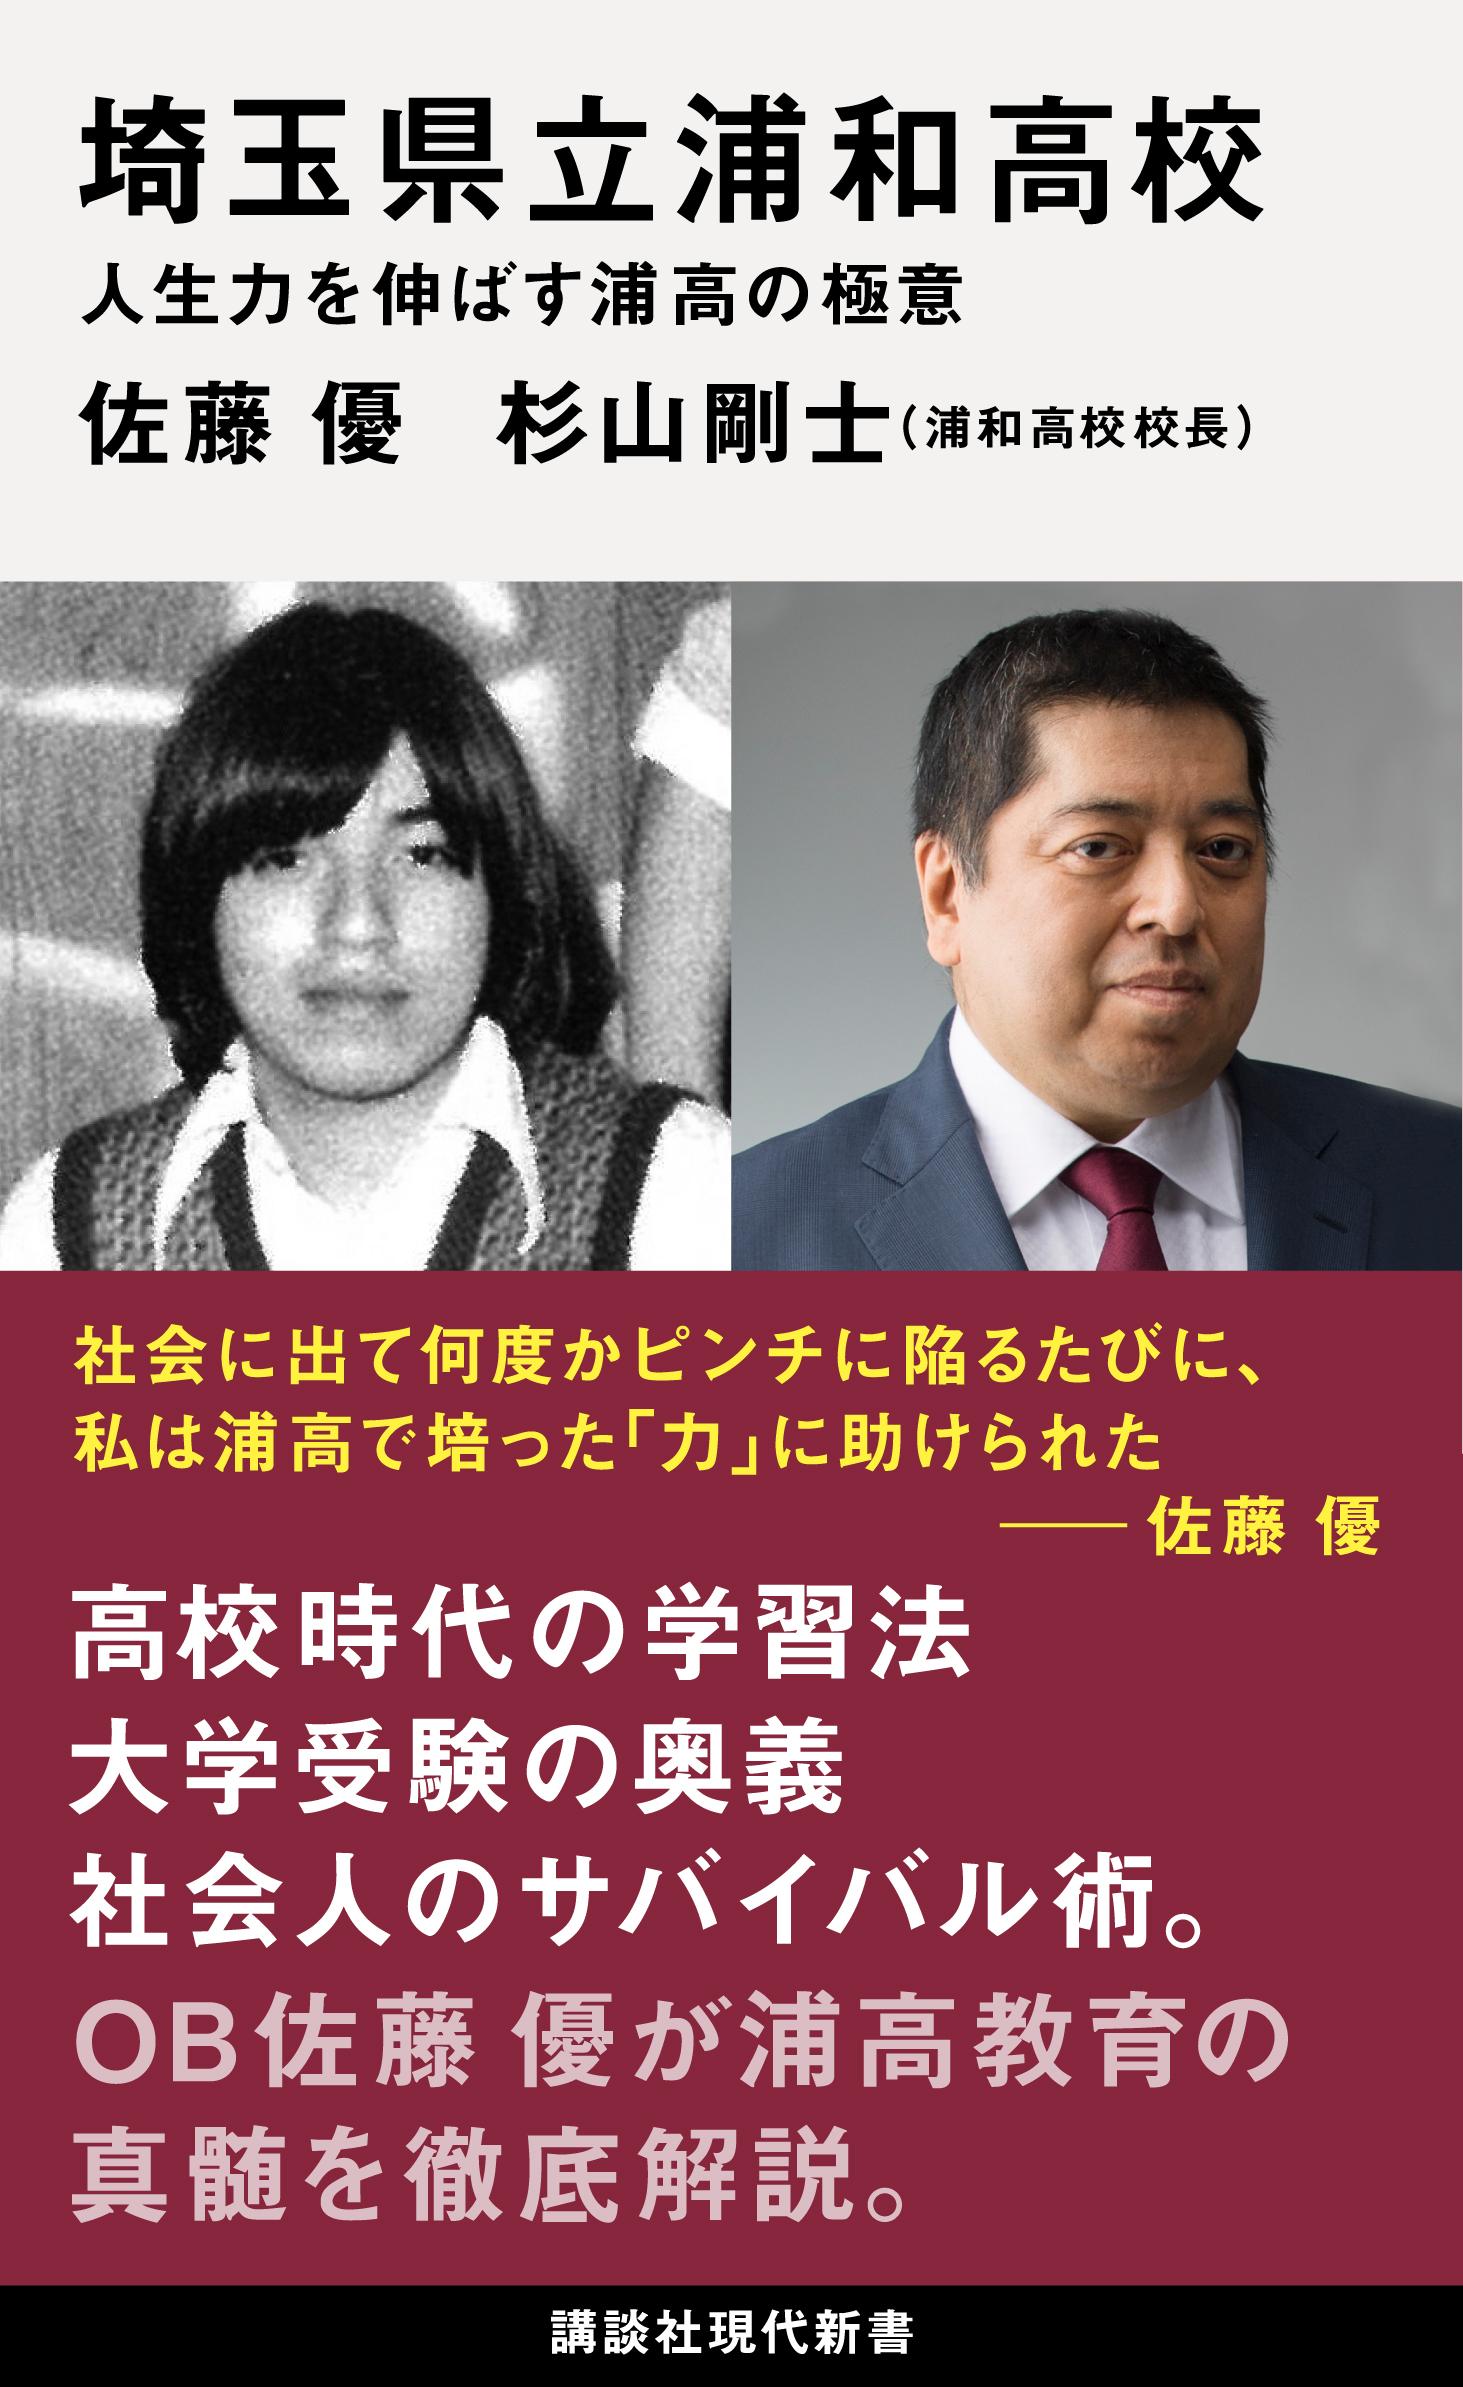 佐藤優さんトーク&サイン会